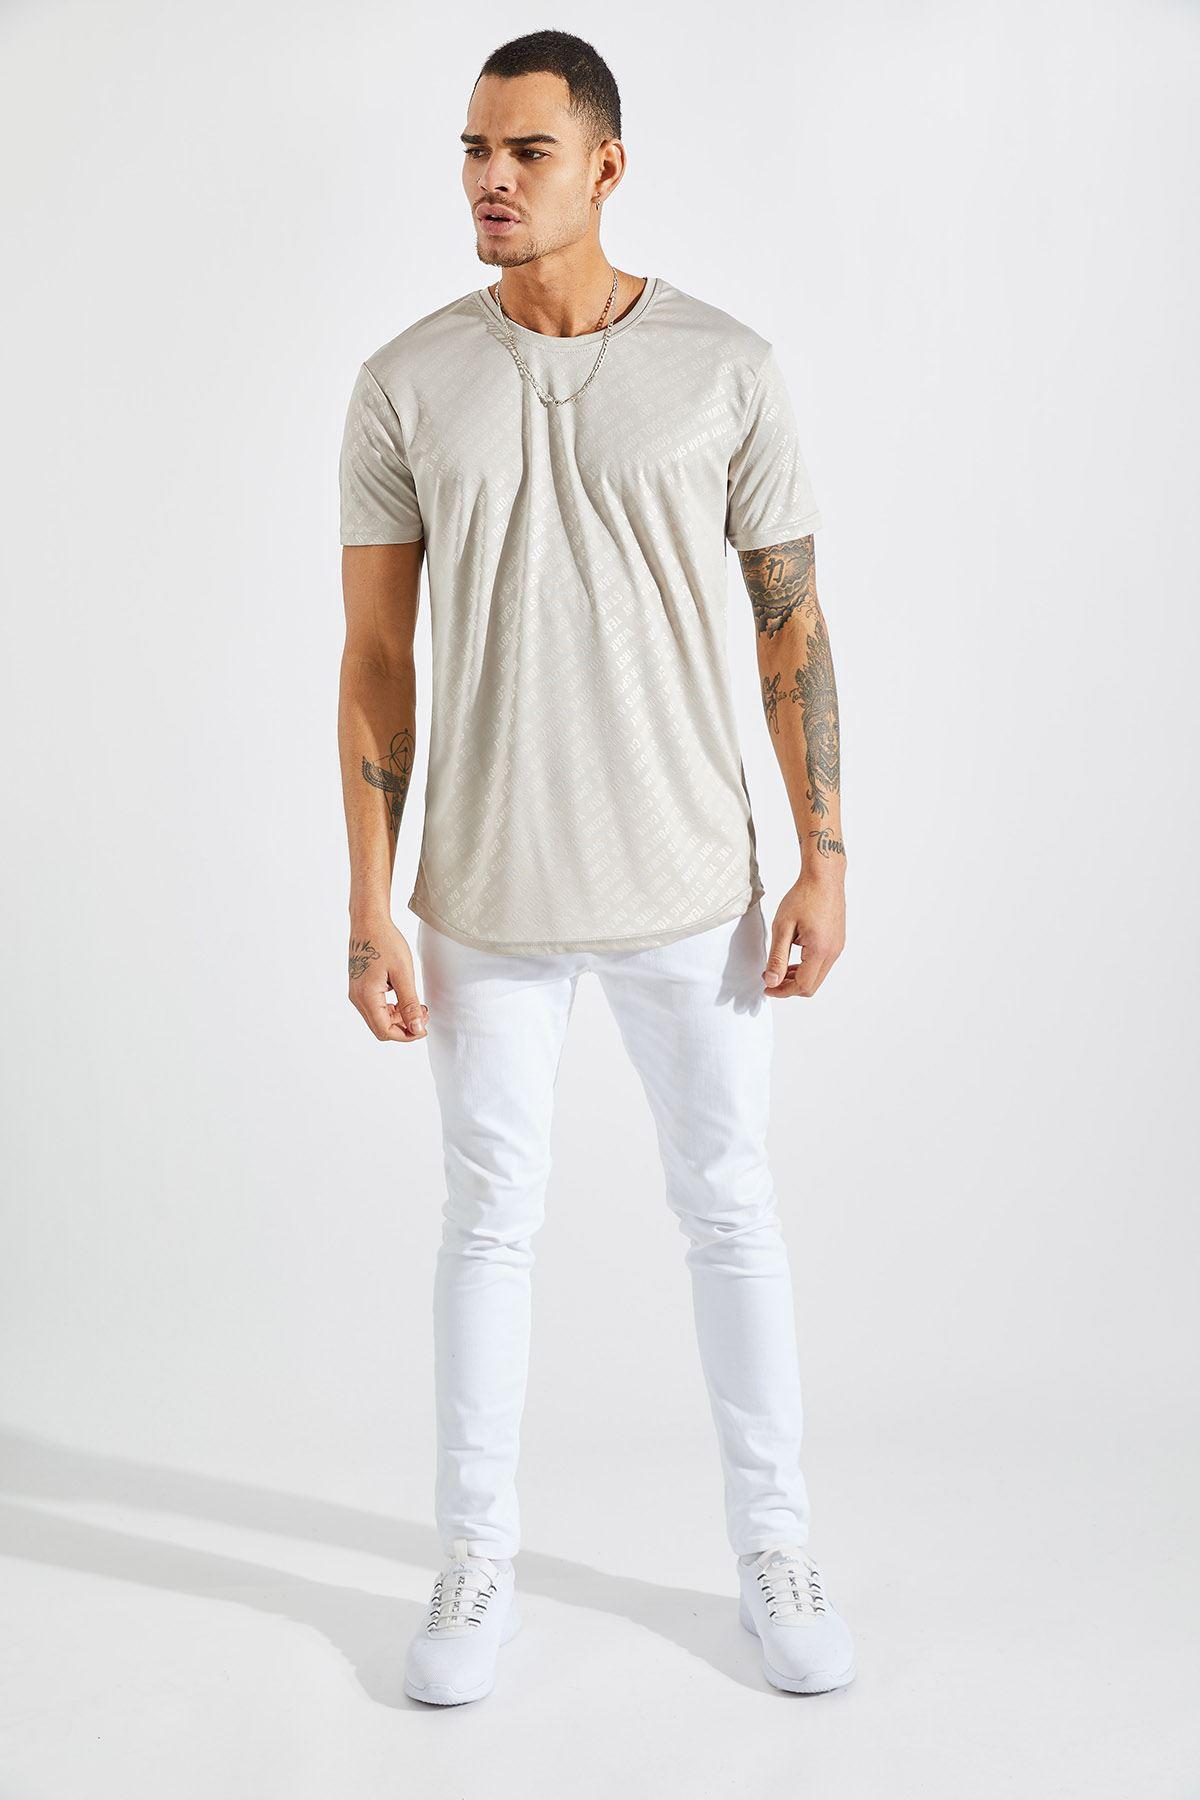 Erkek Baskılı Bej Tişört